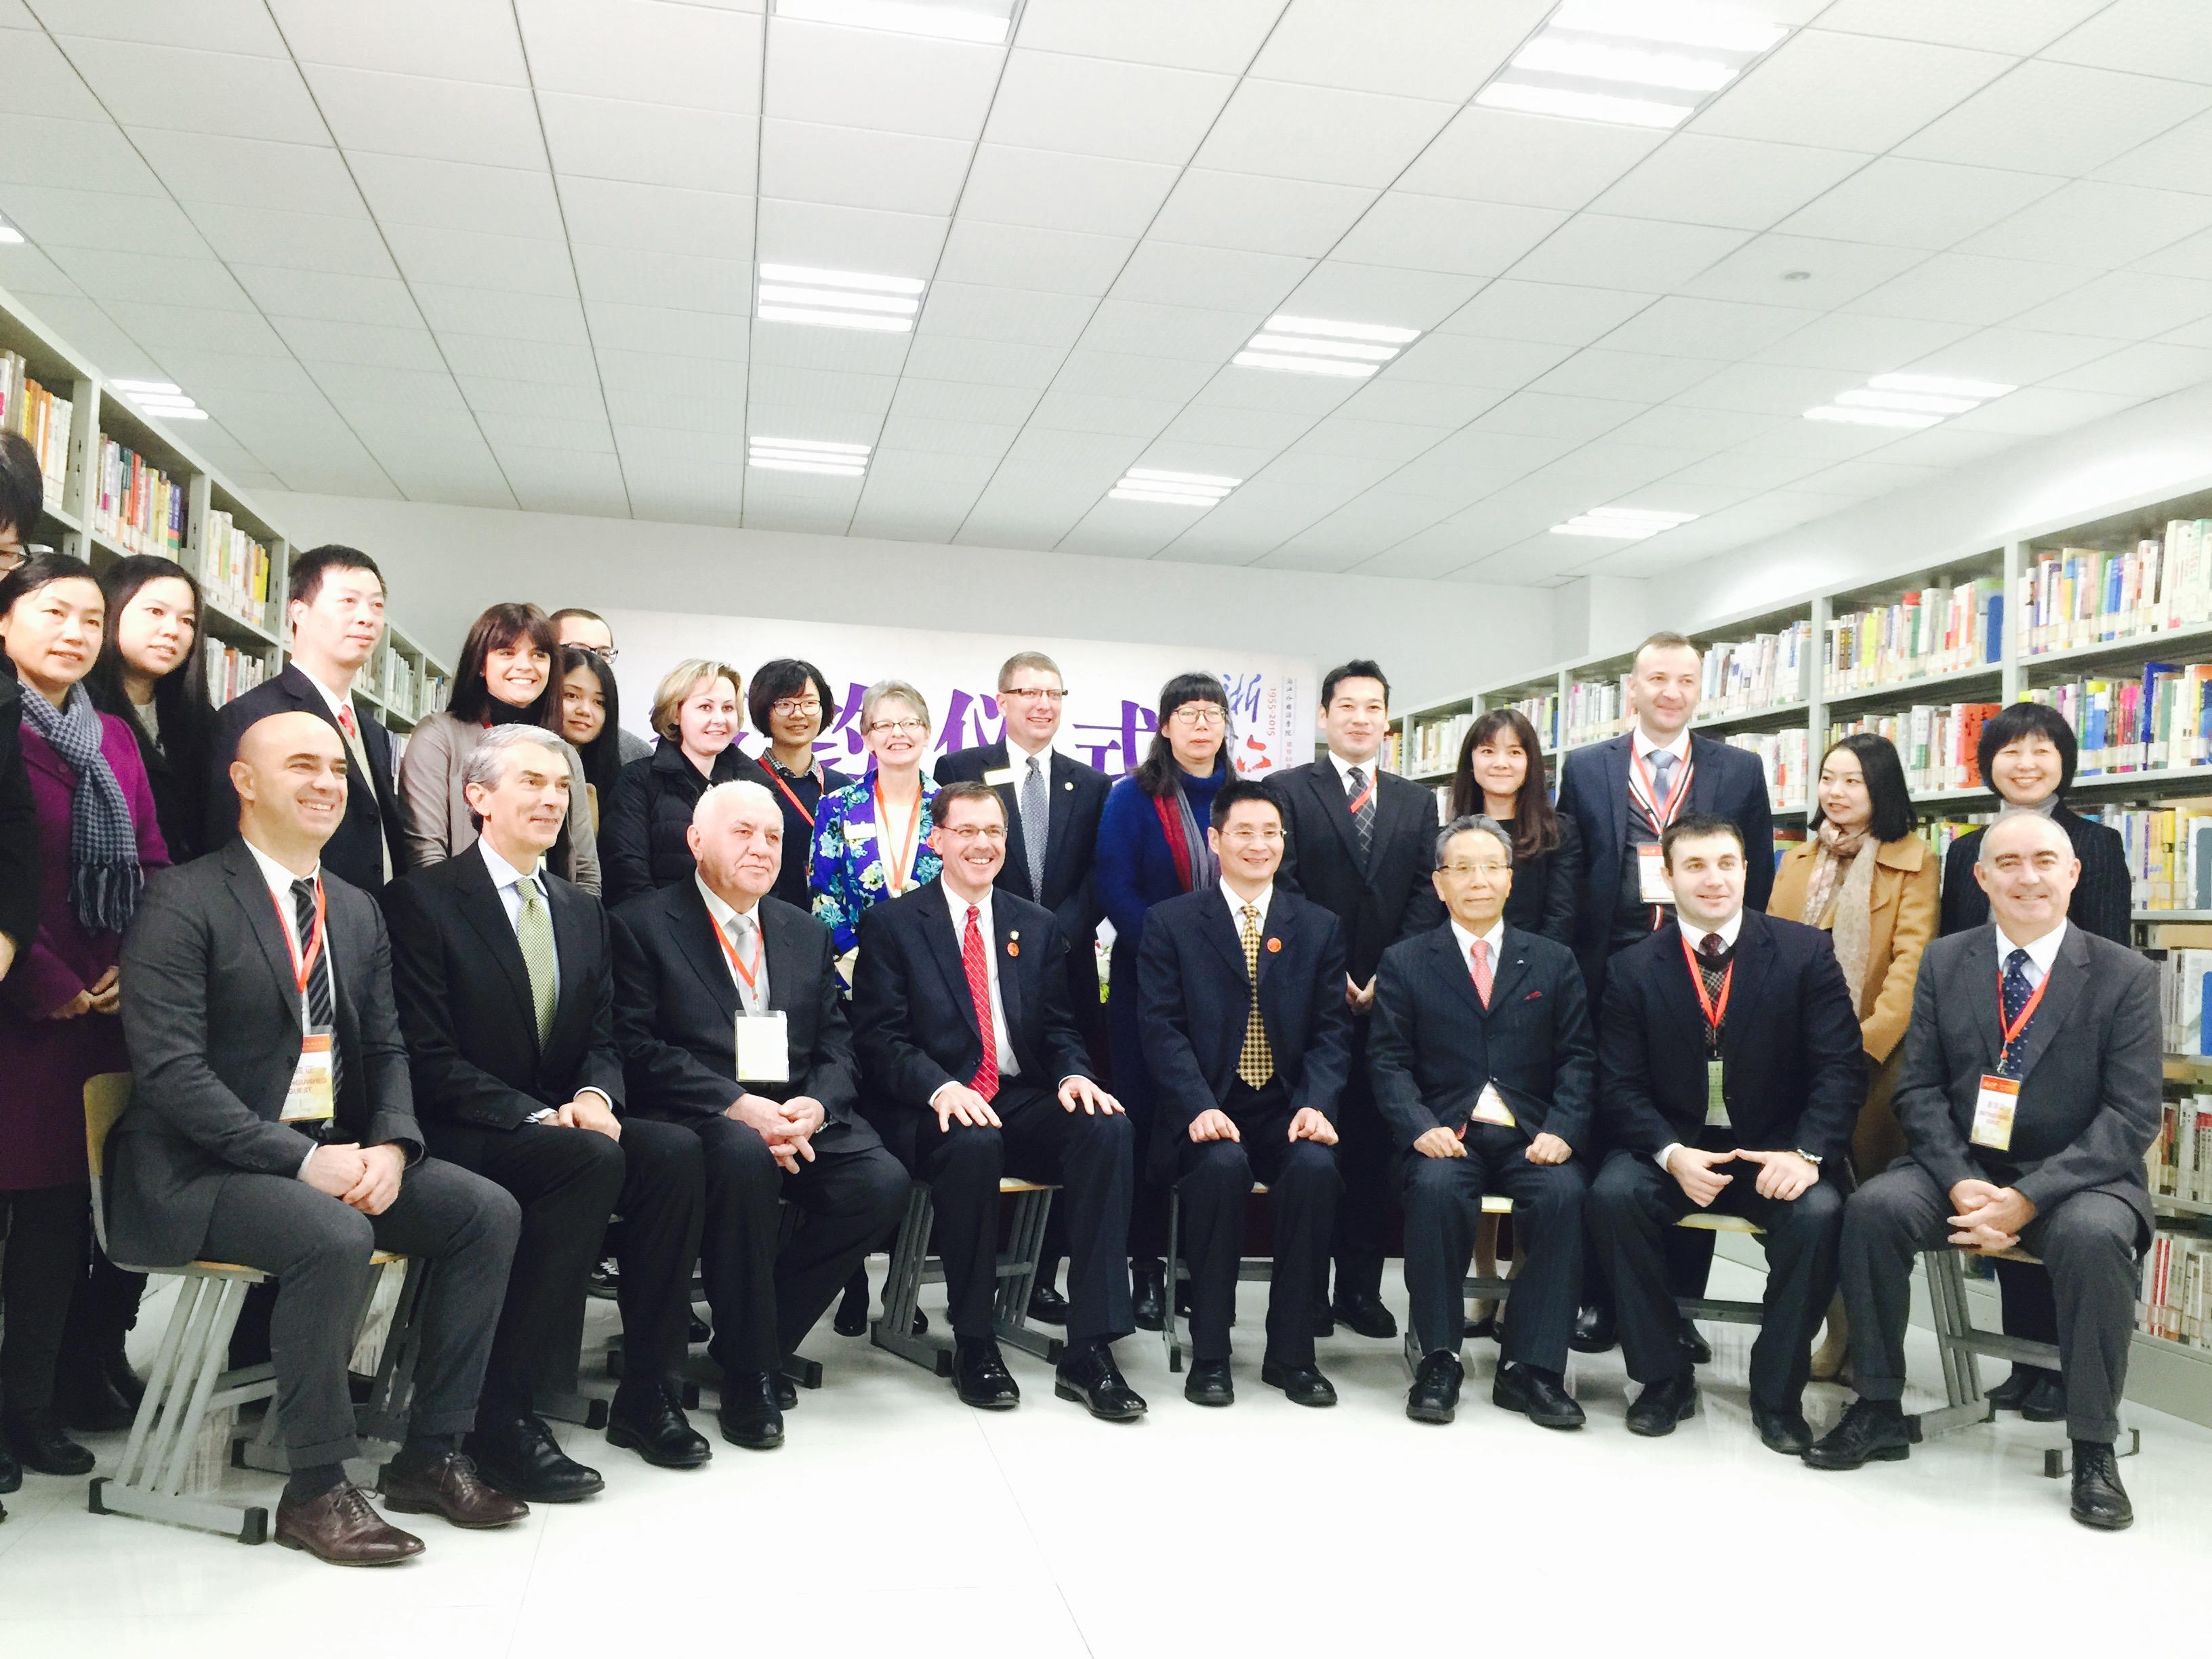 La Universidad de Salamanca participa en el 60º aniversario de la Universidad de Estudios Internacionales de Zheijiang